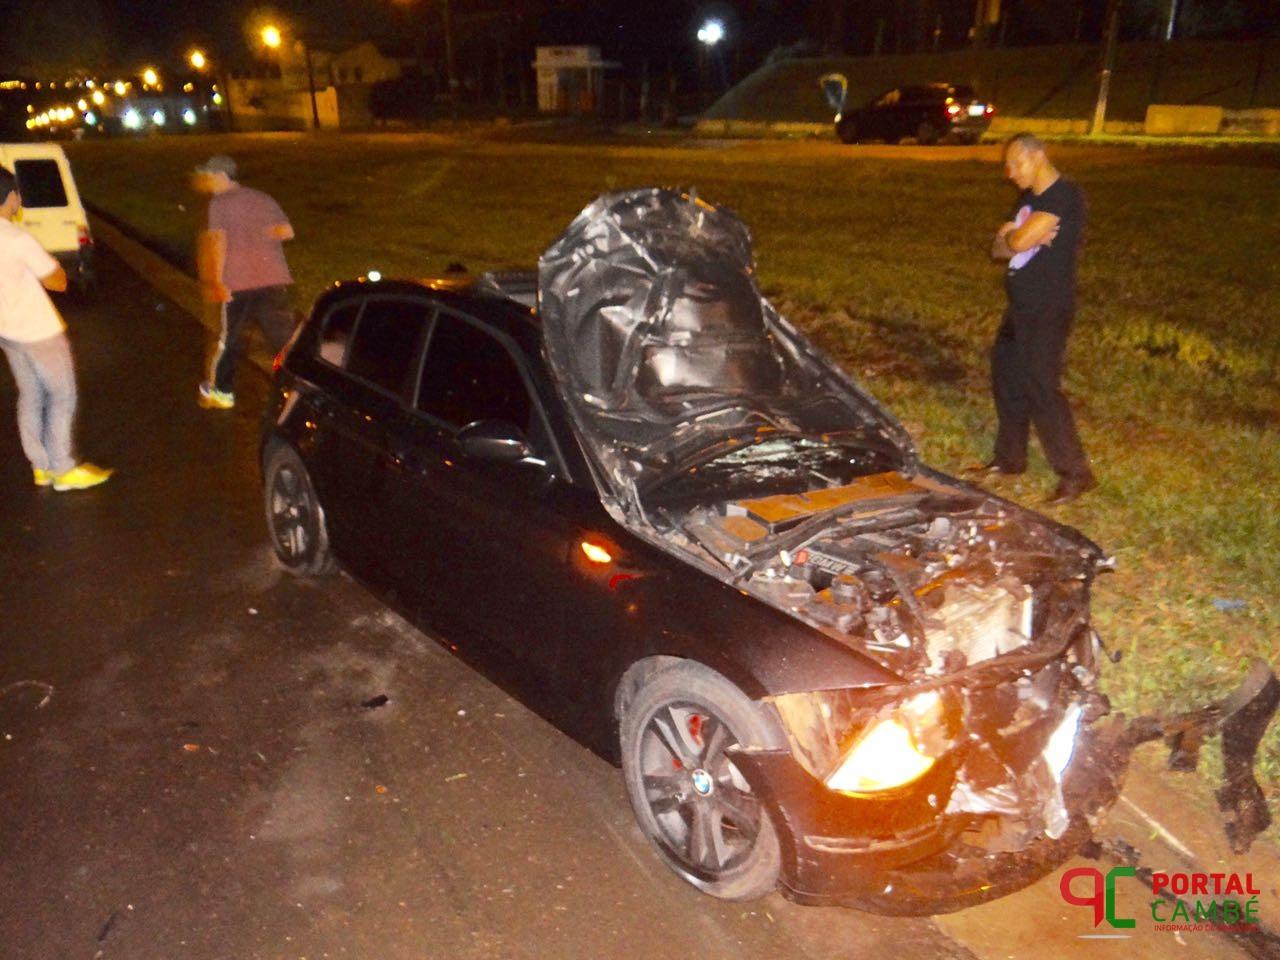 Jovem de 25 anos morre em acidente na BR-369 em Cambé